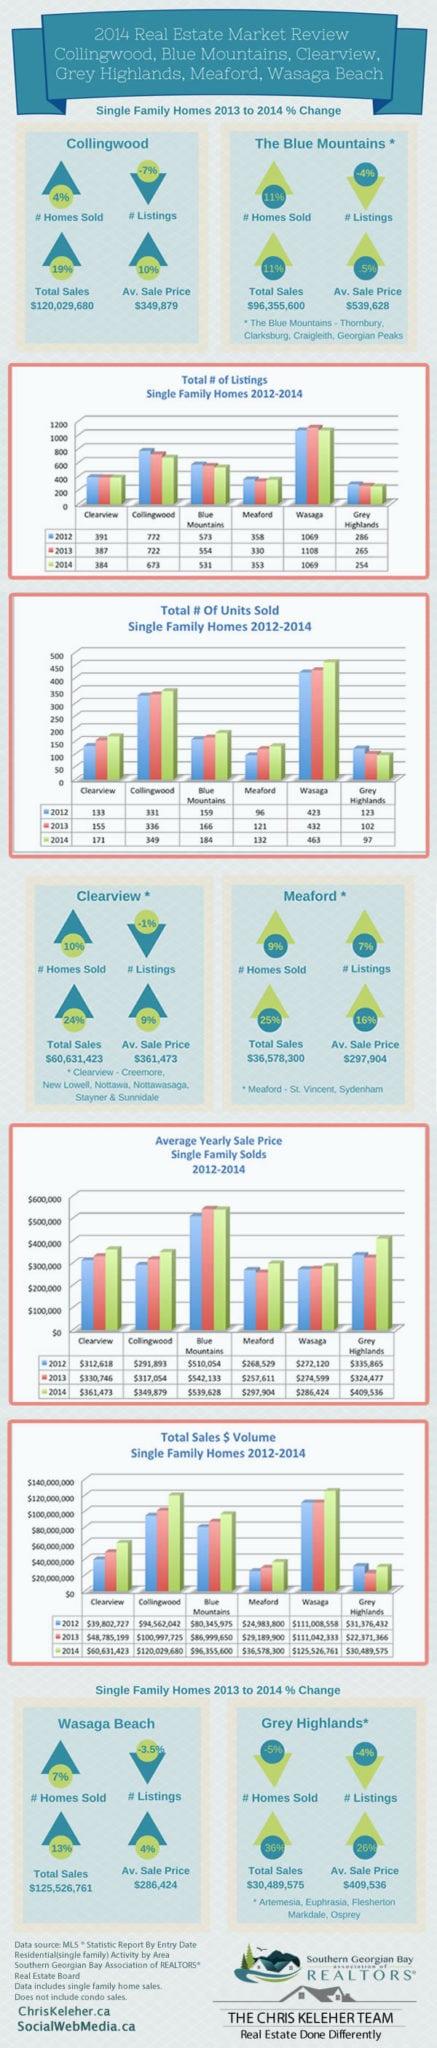 2014-Infographic-keleher1